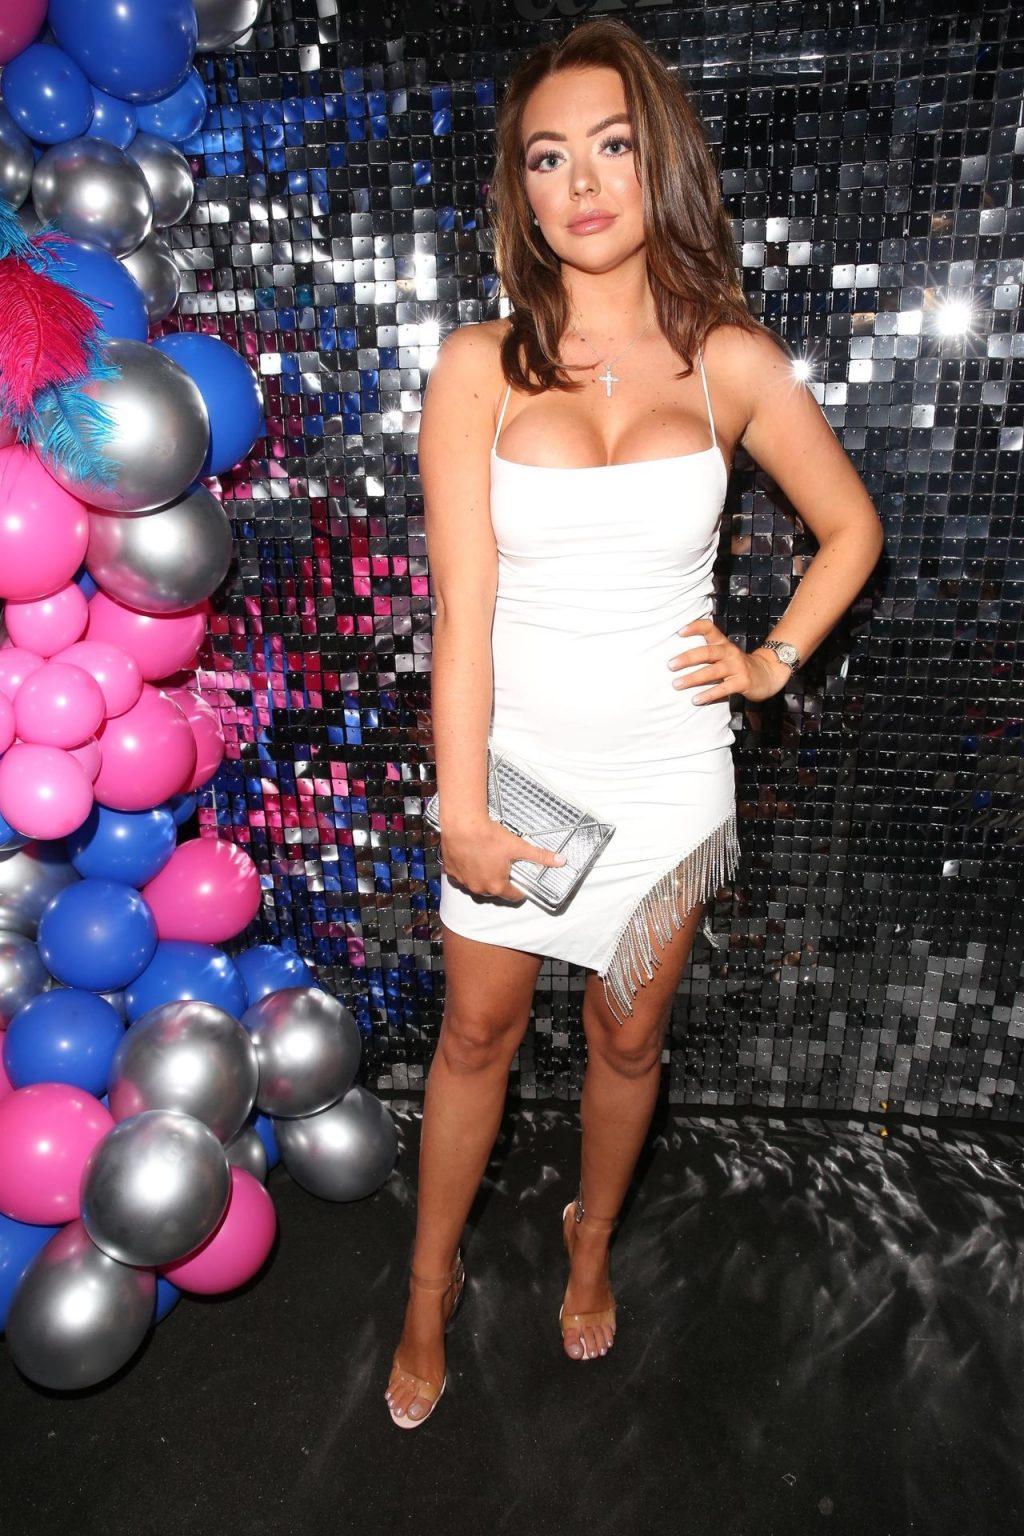 Chloe Bowler Sexy (20 Photos)